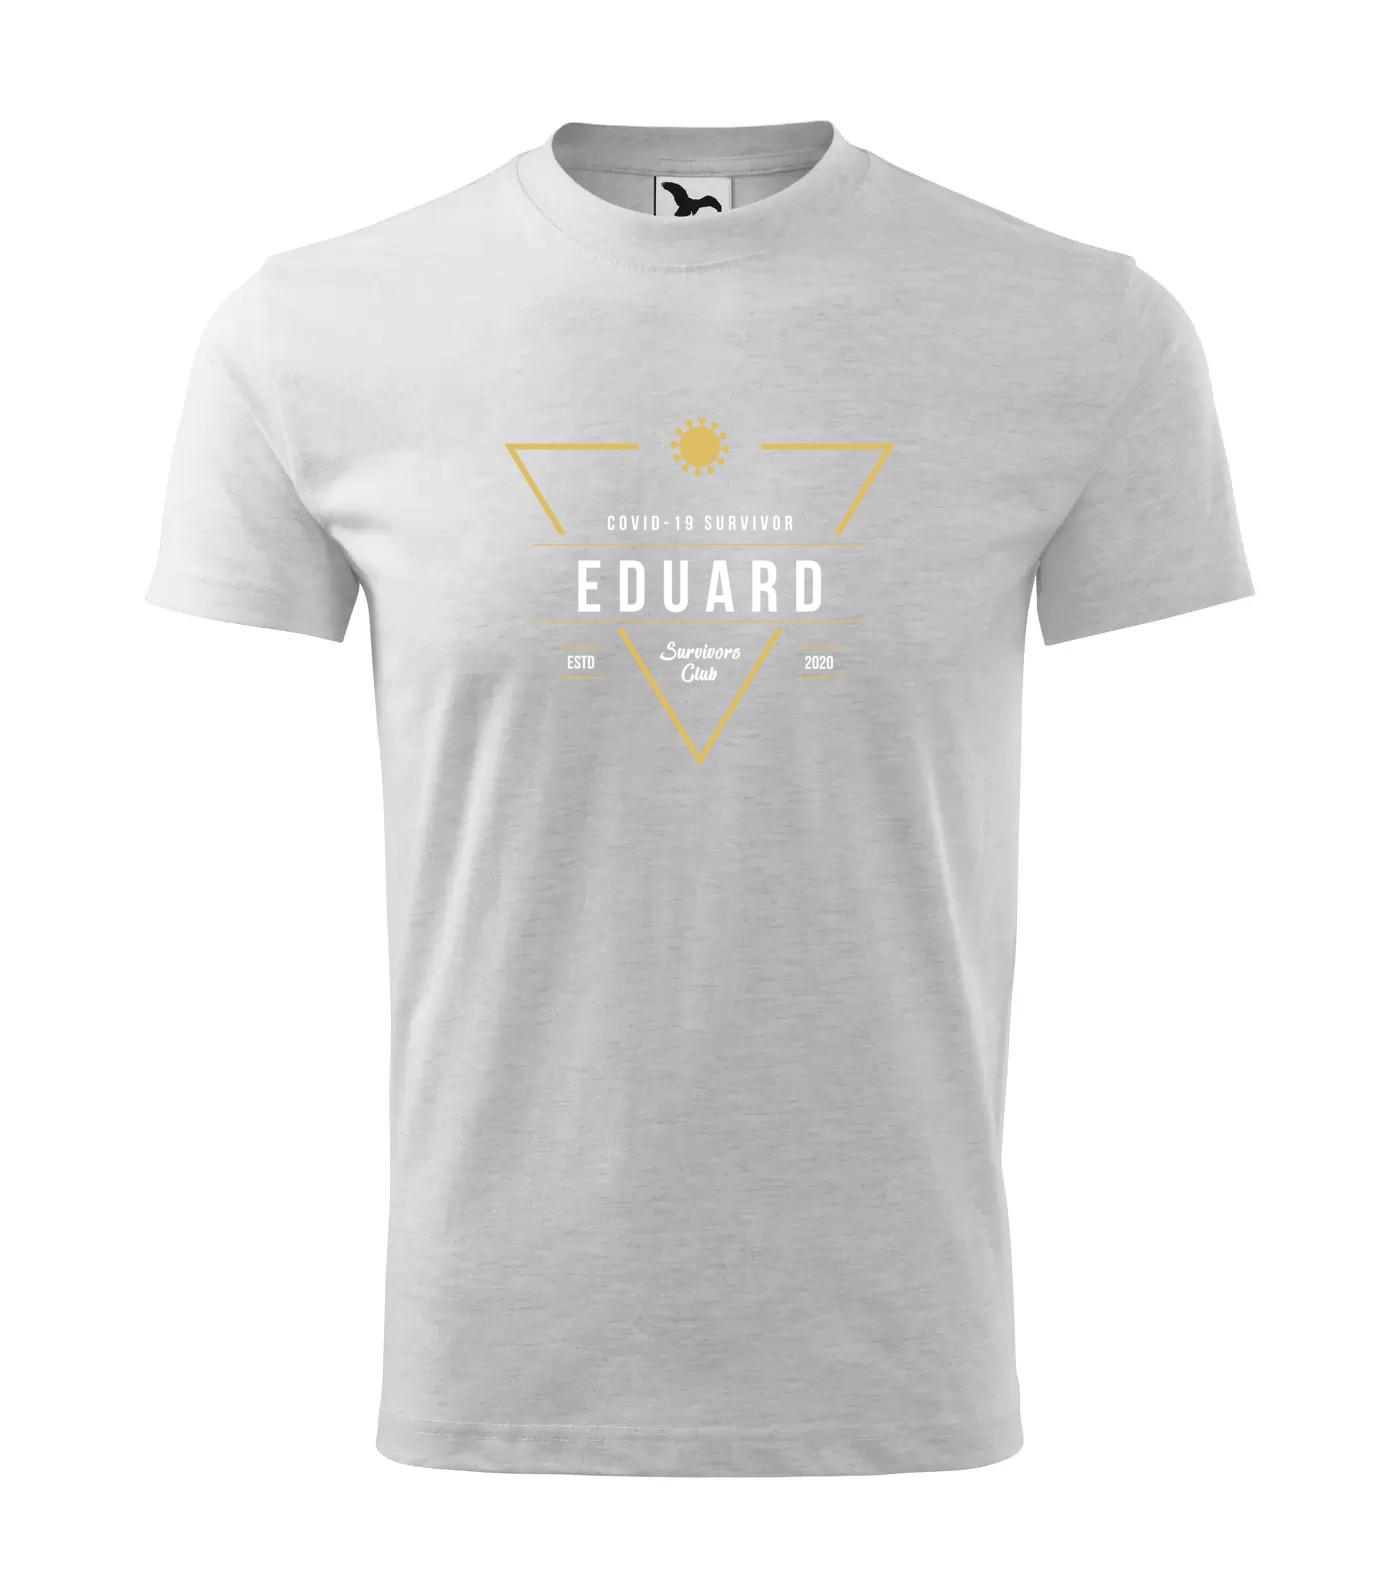 Tričko Survivor Club Eduard